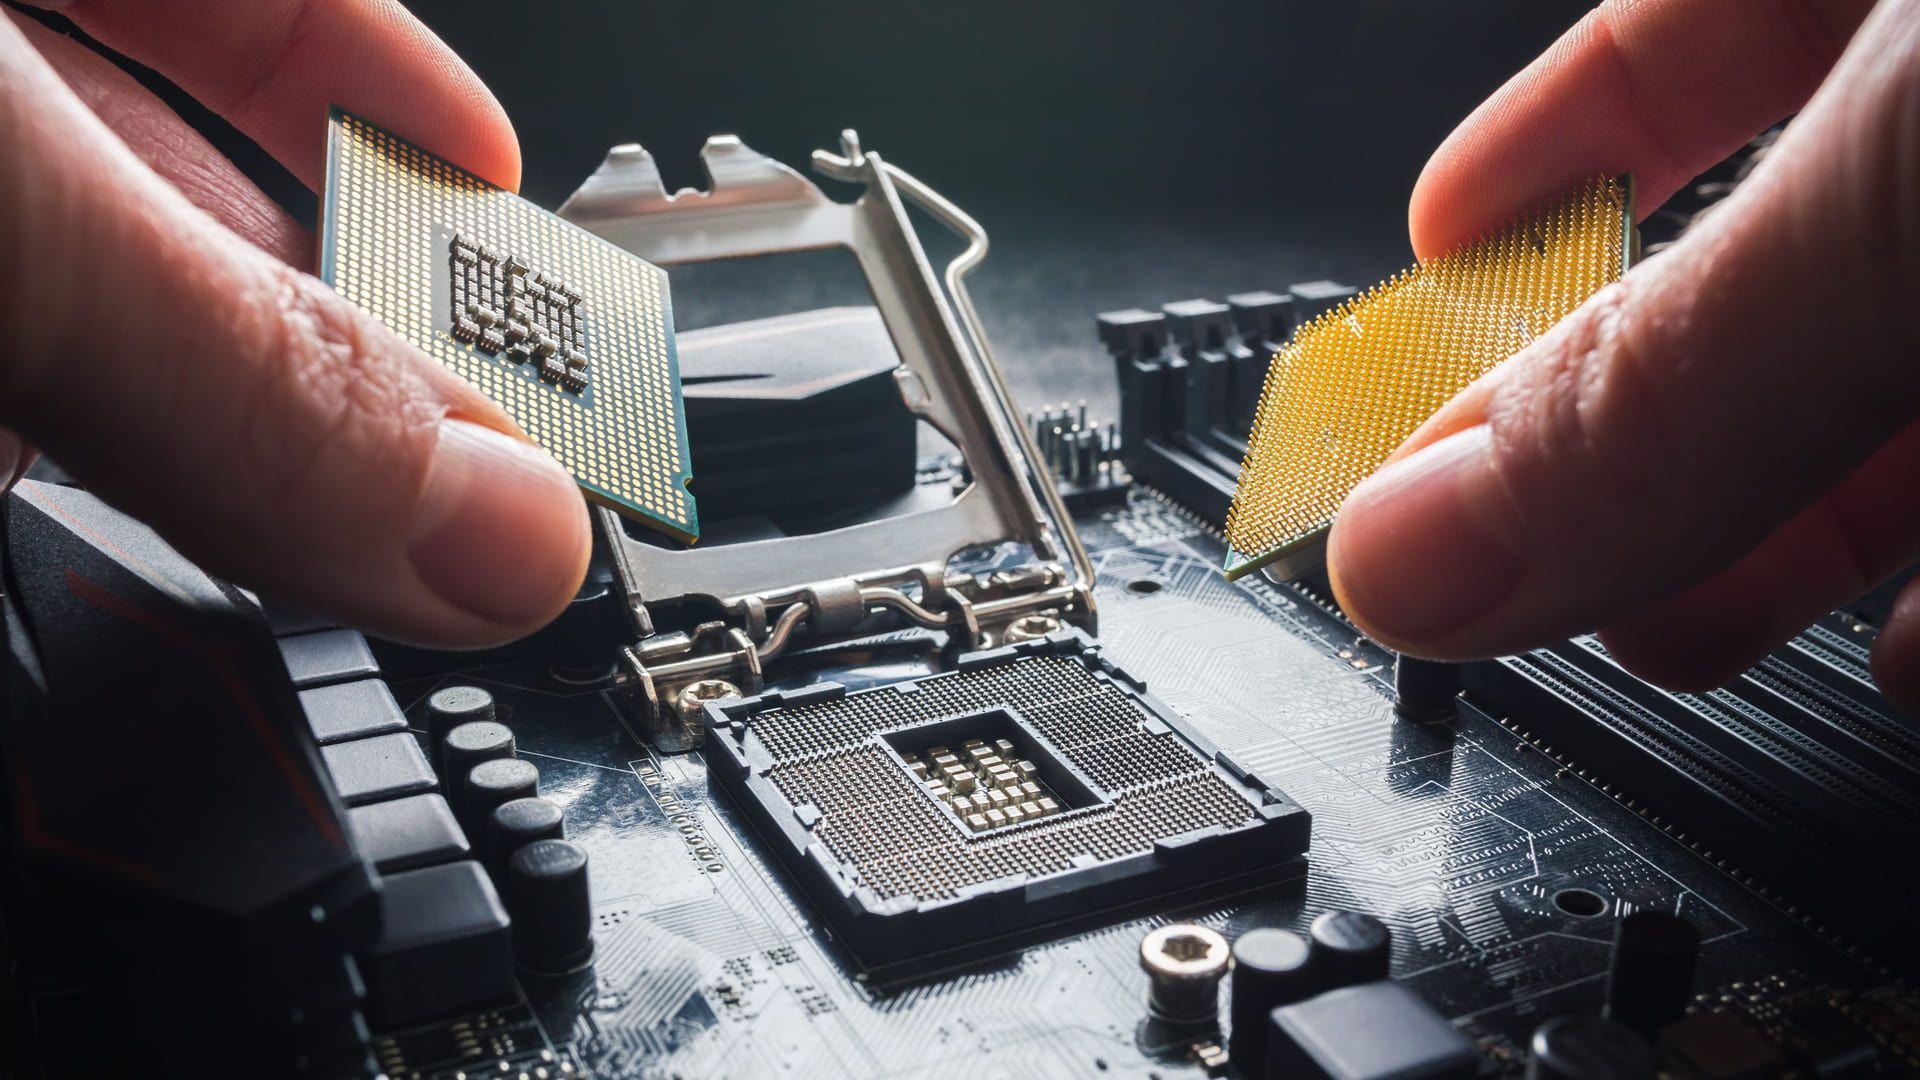 Escolher por um processador mais atual pode ajudar no desempenho em jogos recentes. (Foto: Petr Svoboda/Shutterstock.com)